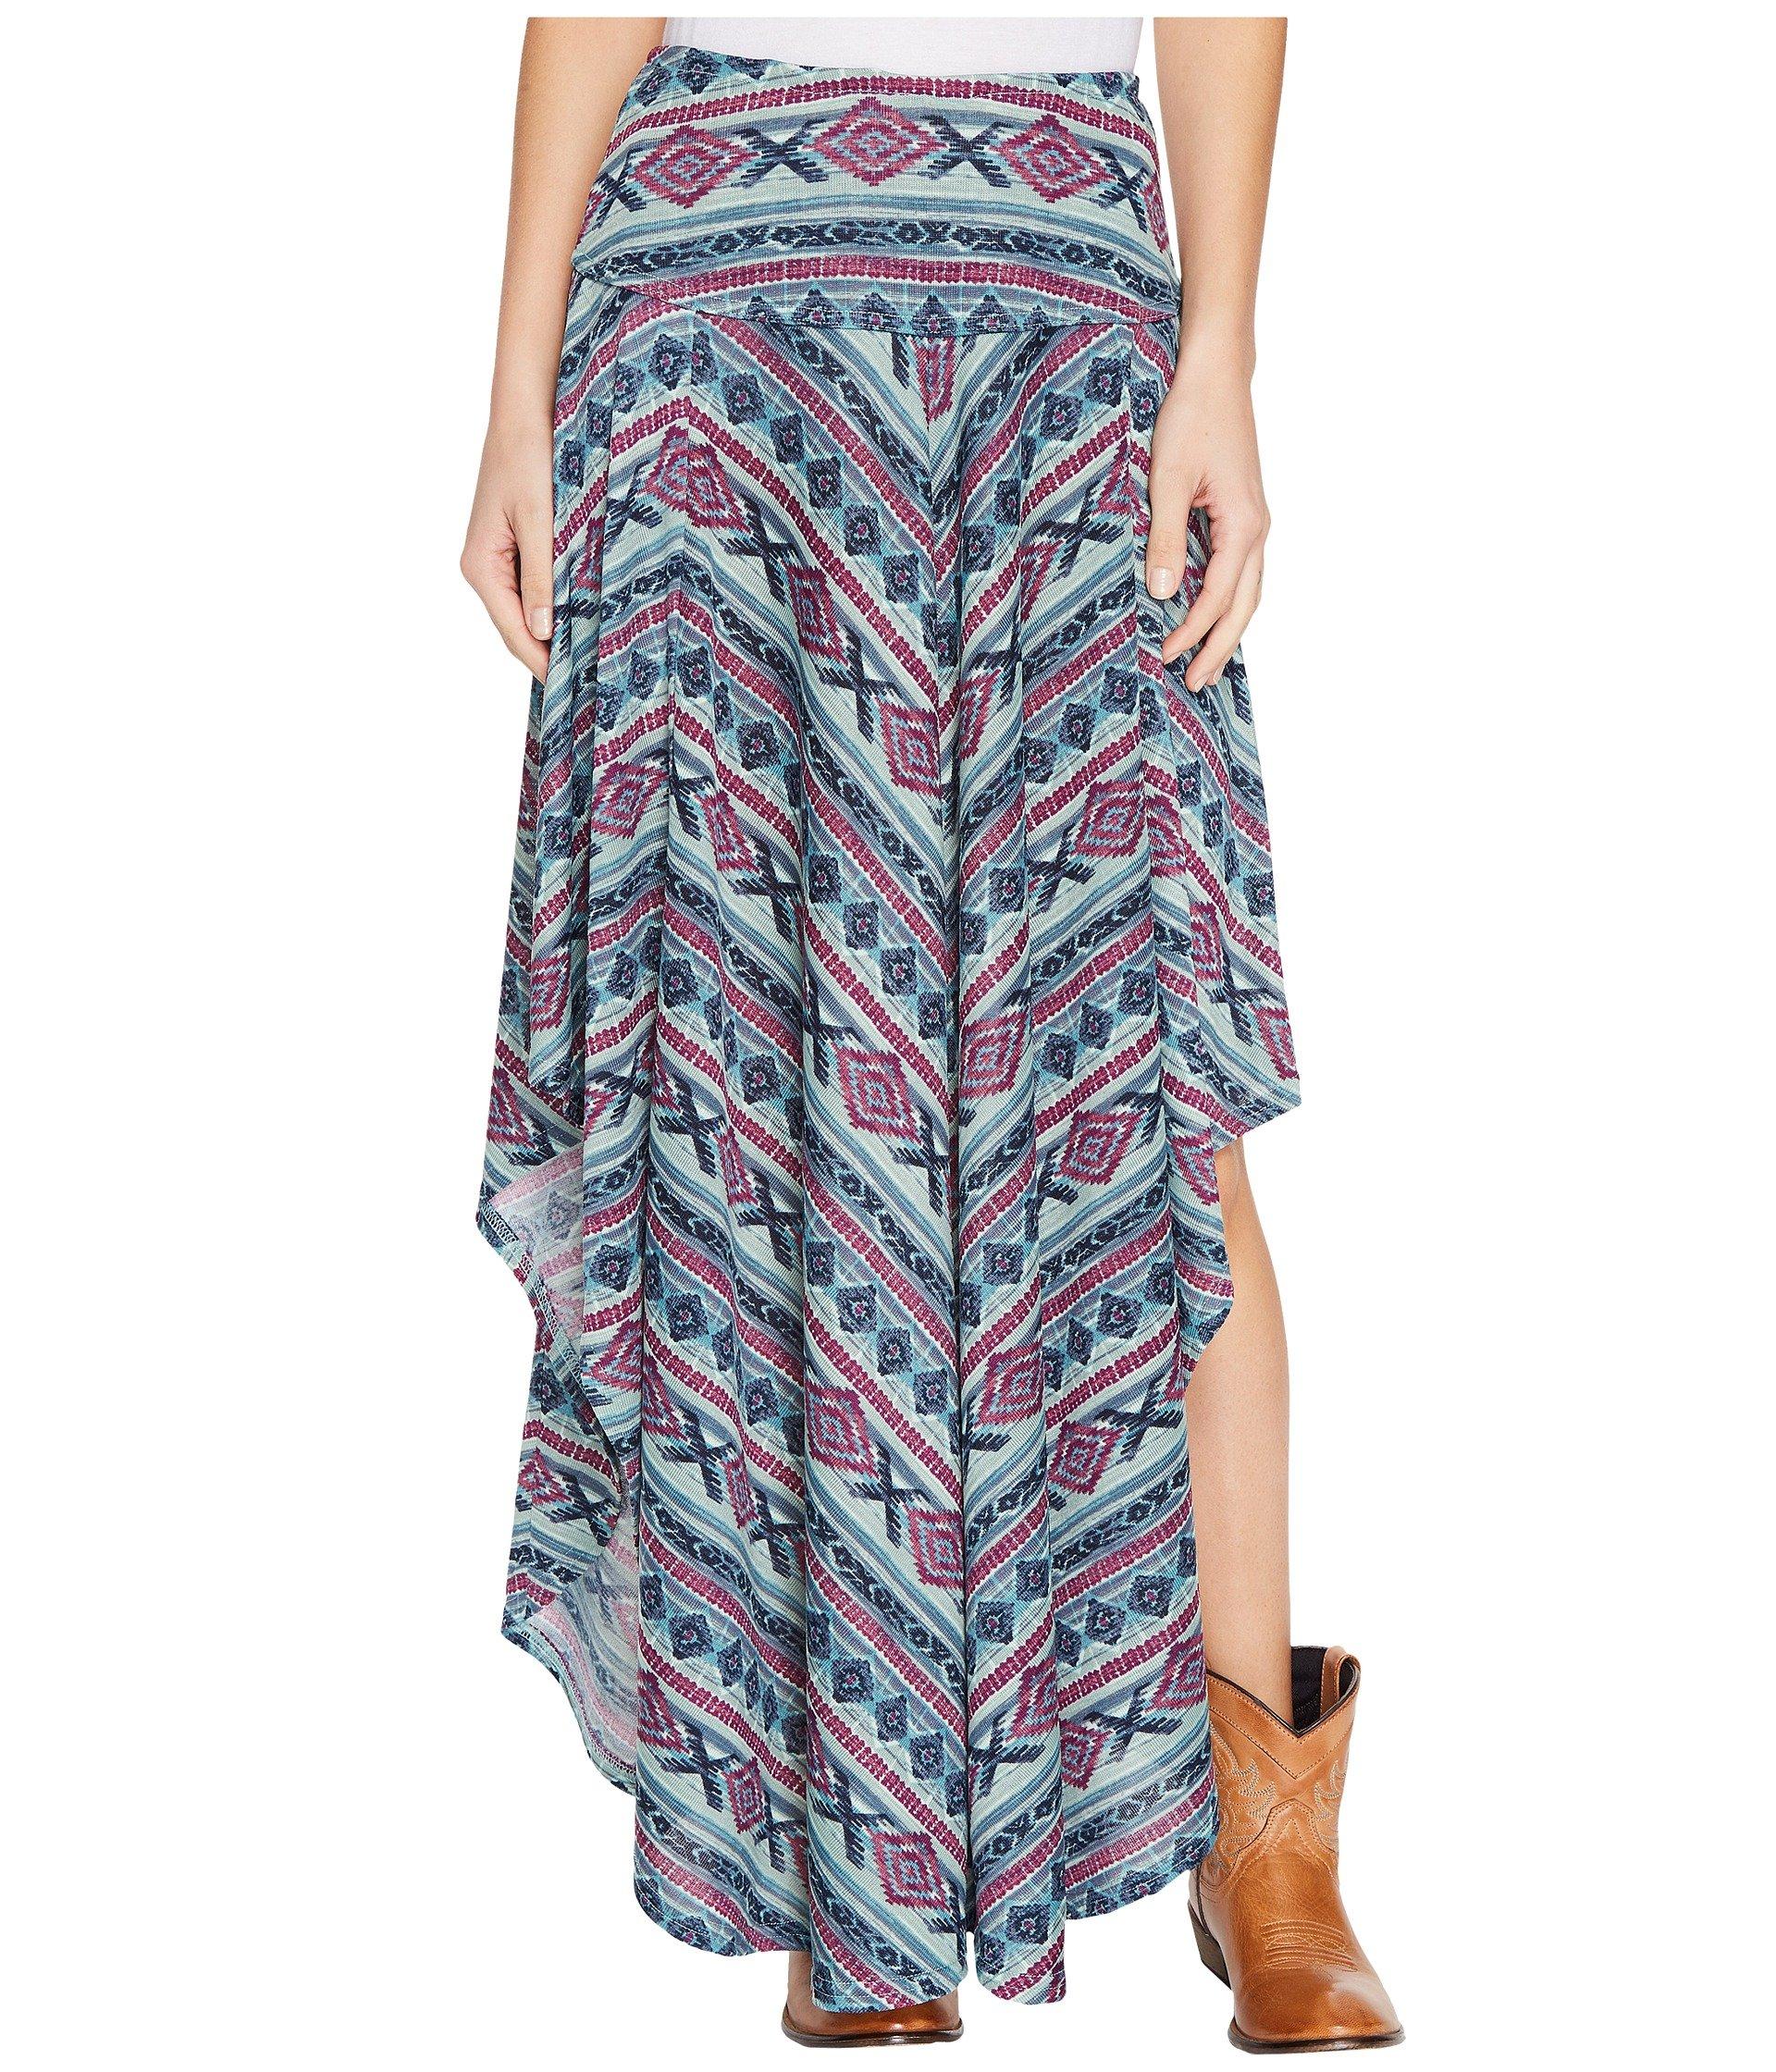 Falda para Mujer Double D Ranchwear Butterfly Bleu Long Skirt  + Double D Ranchwear en VeoyCompro.net